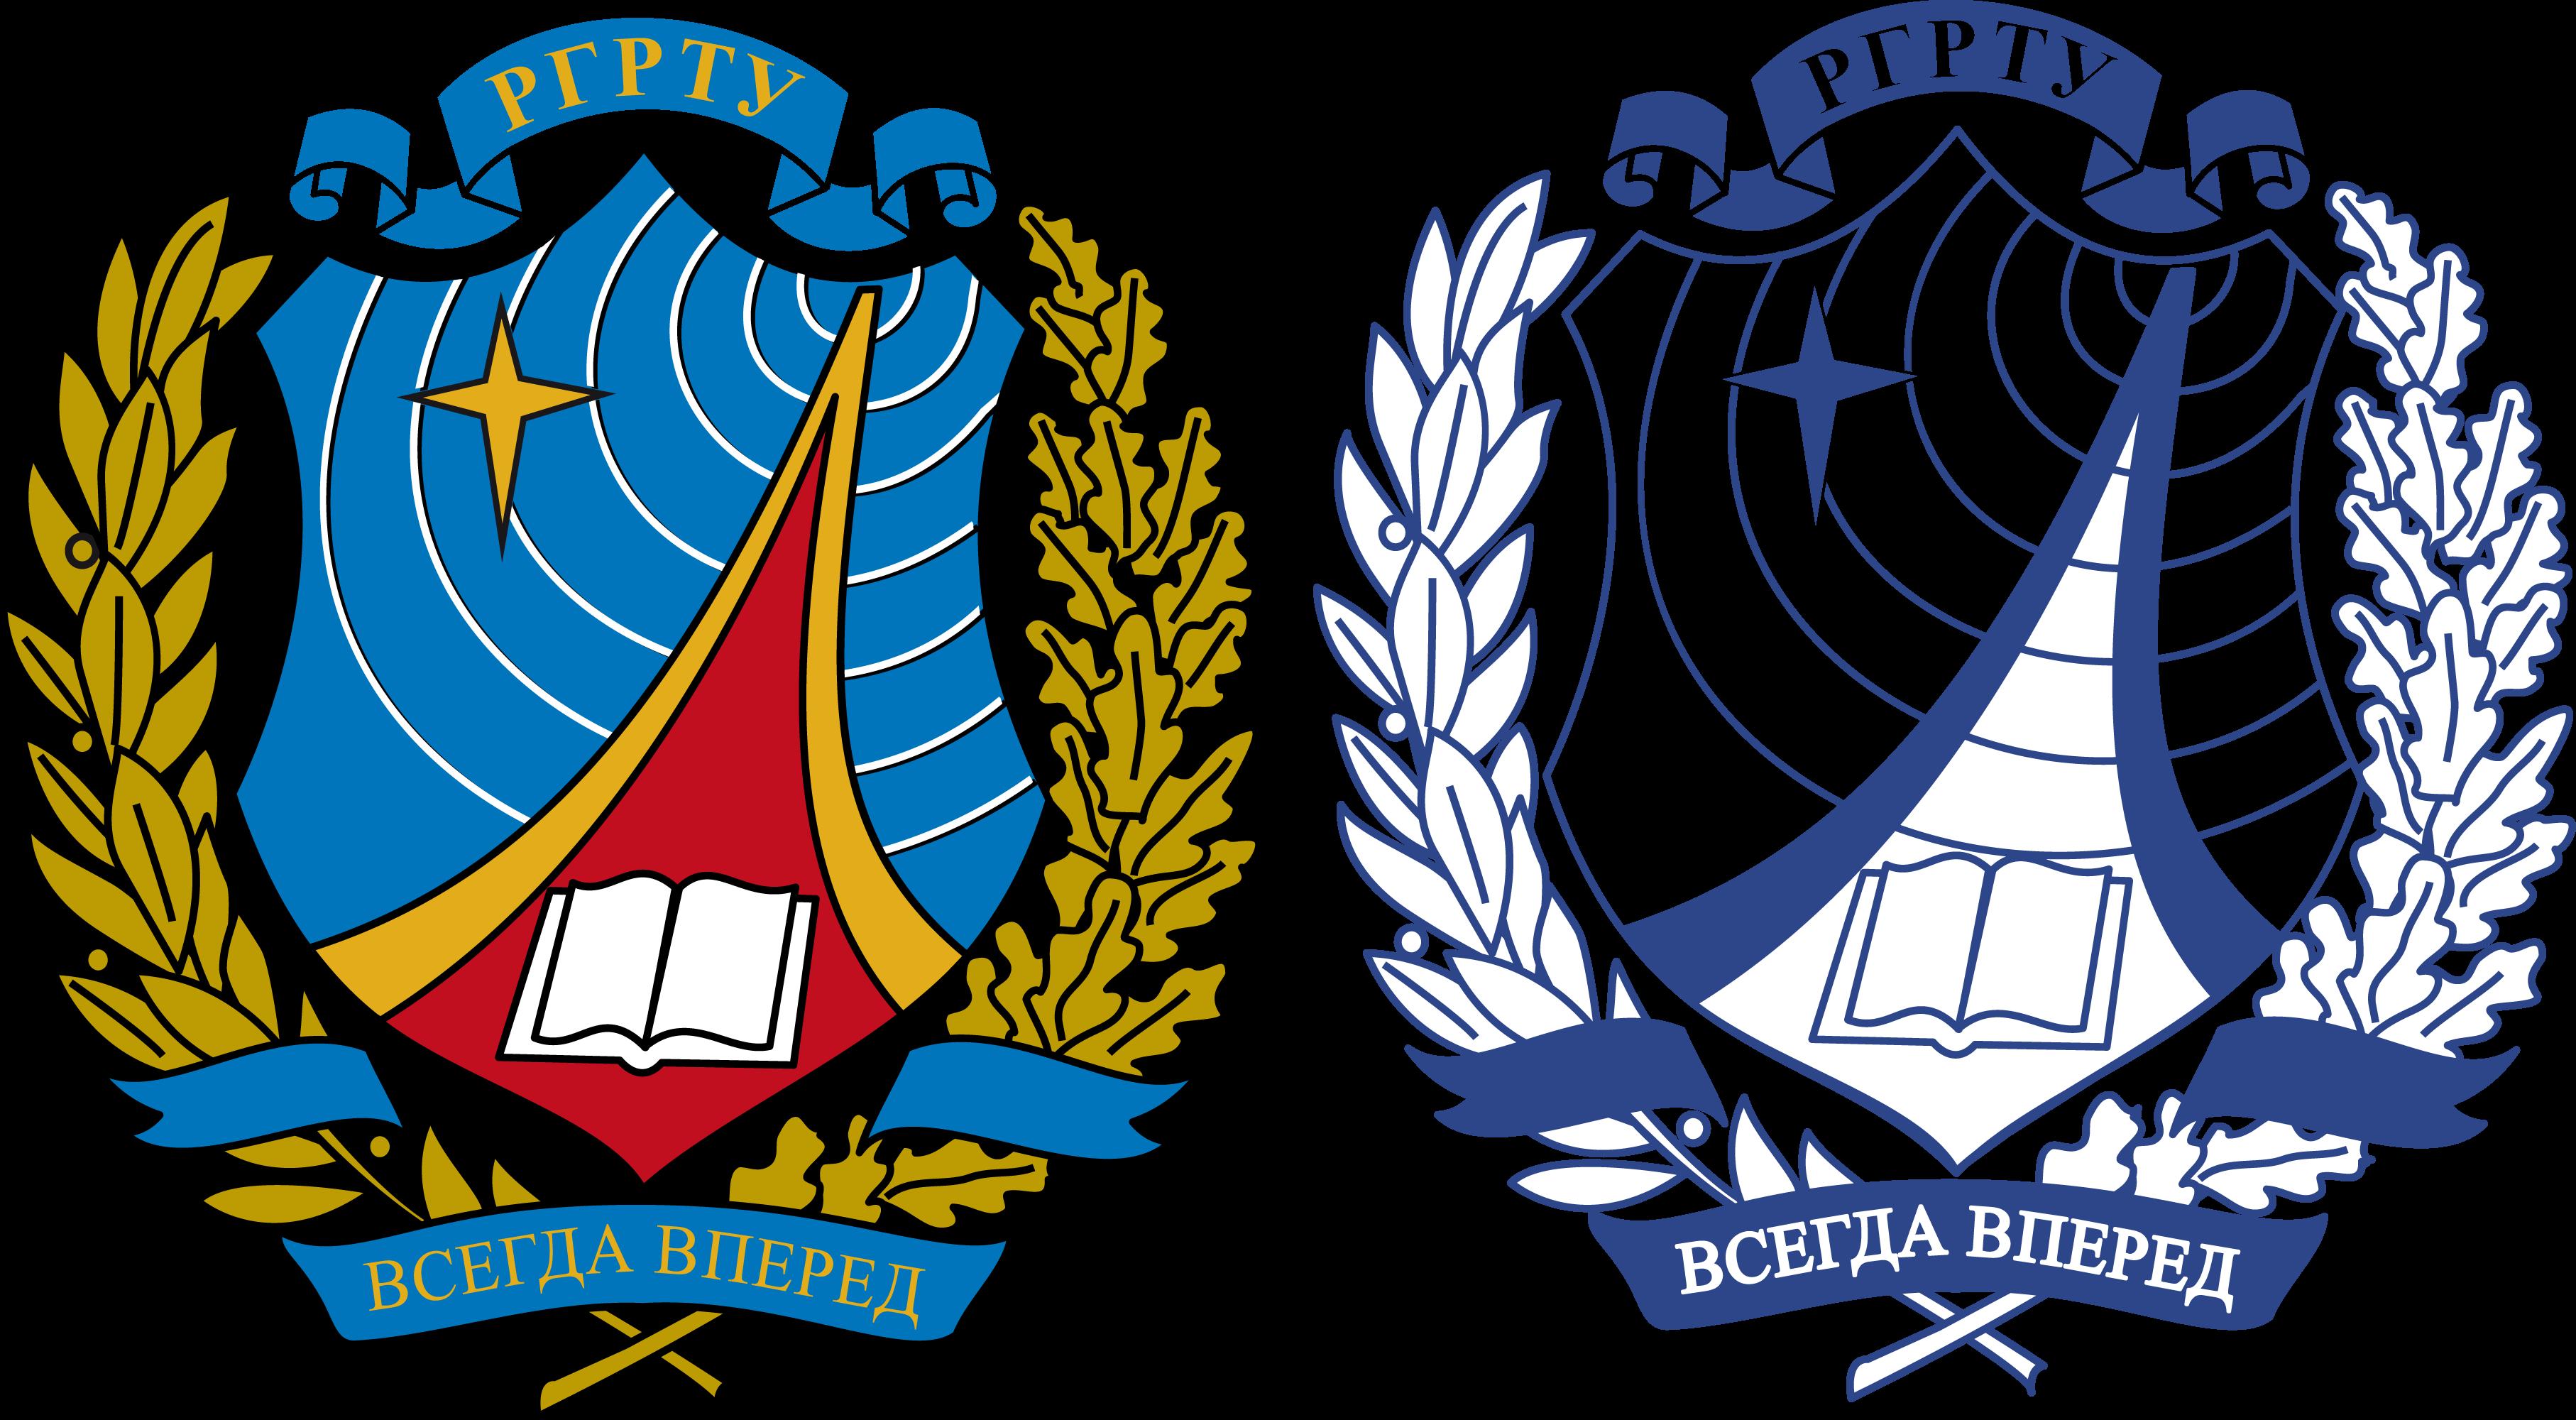 Эмблема Рязанского радиотехнического университета